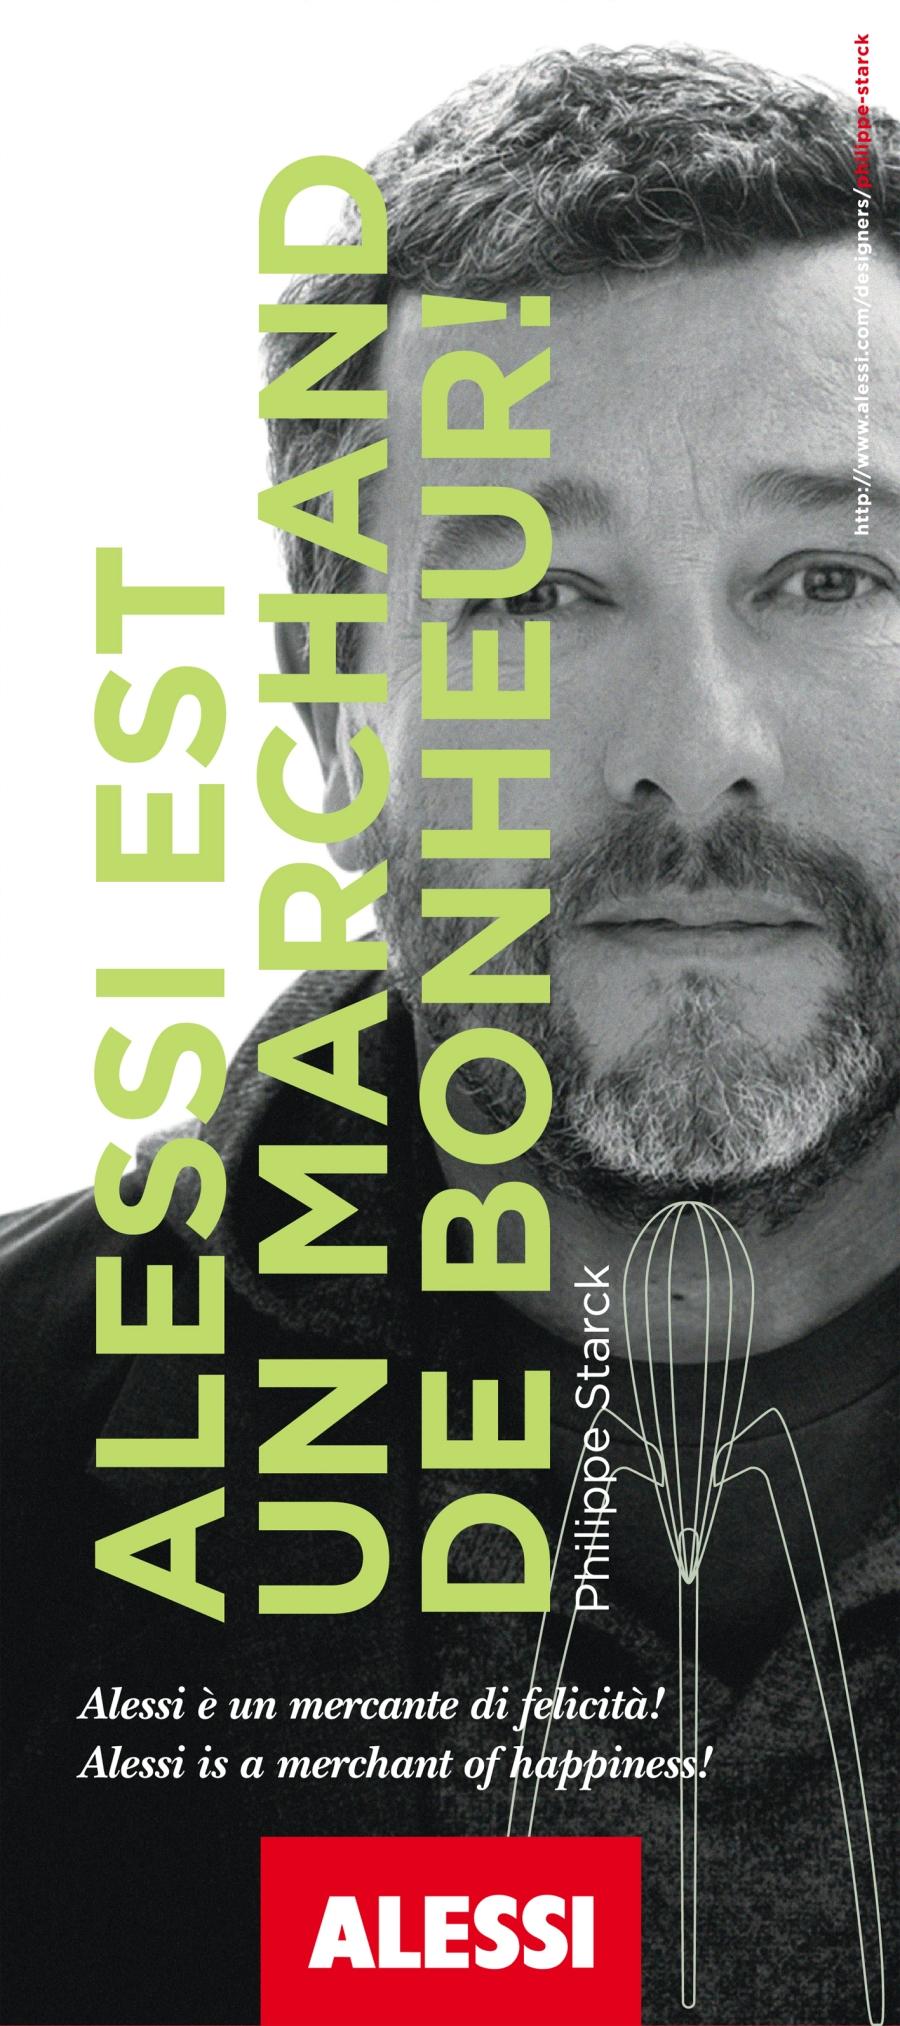 Philippe Starck, designer. Credit Alessi